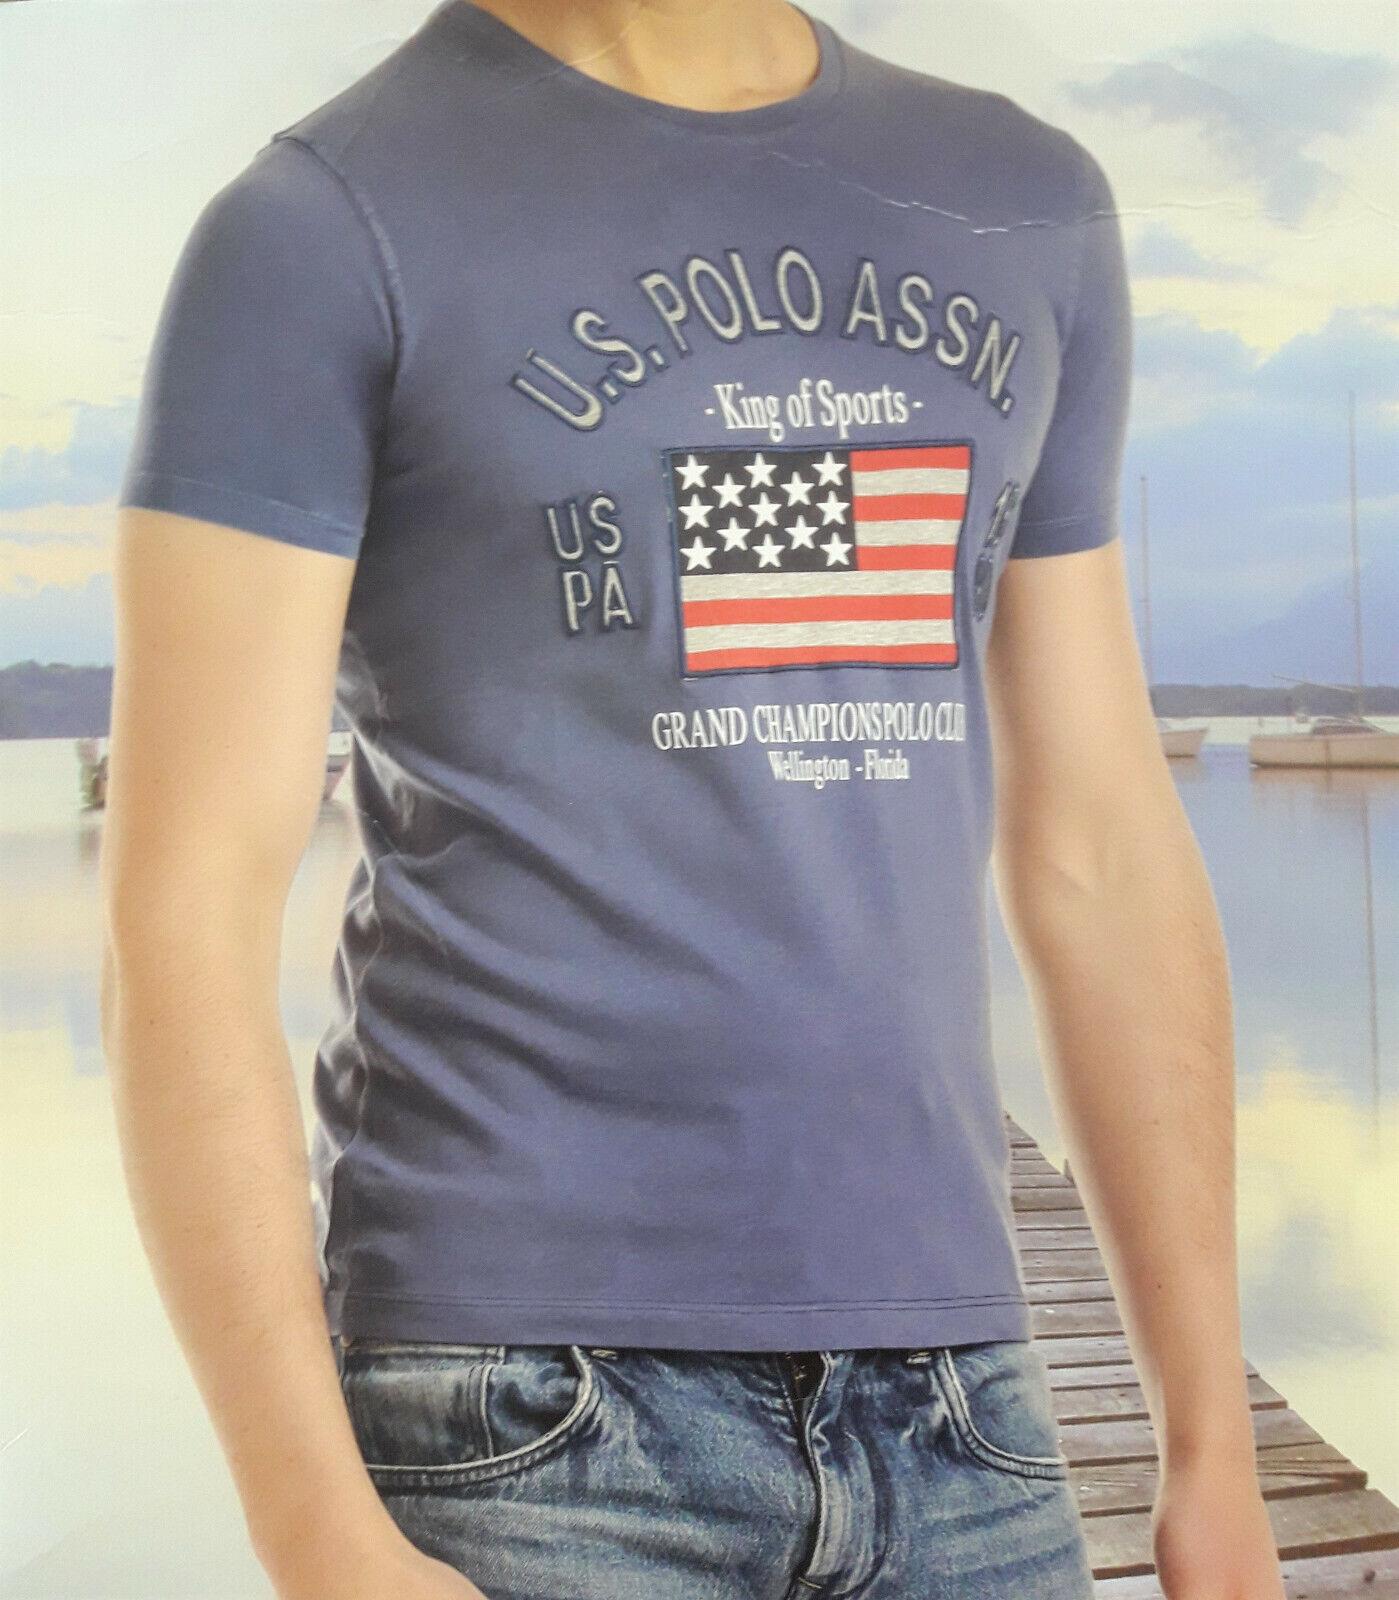 U.S. POLO ASSN. 51717 Herren Kurzarm Rundhals T-Shirt USA M-XXL Farbwahl